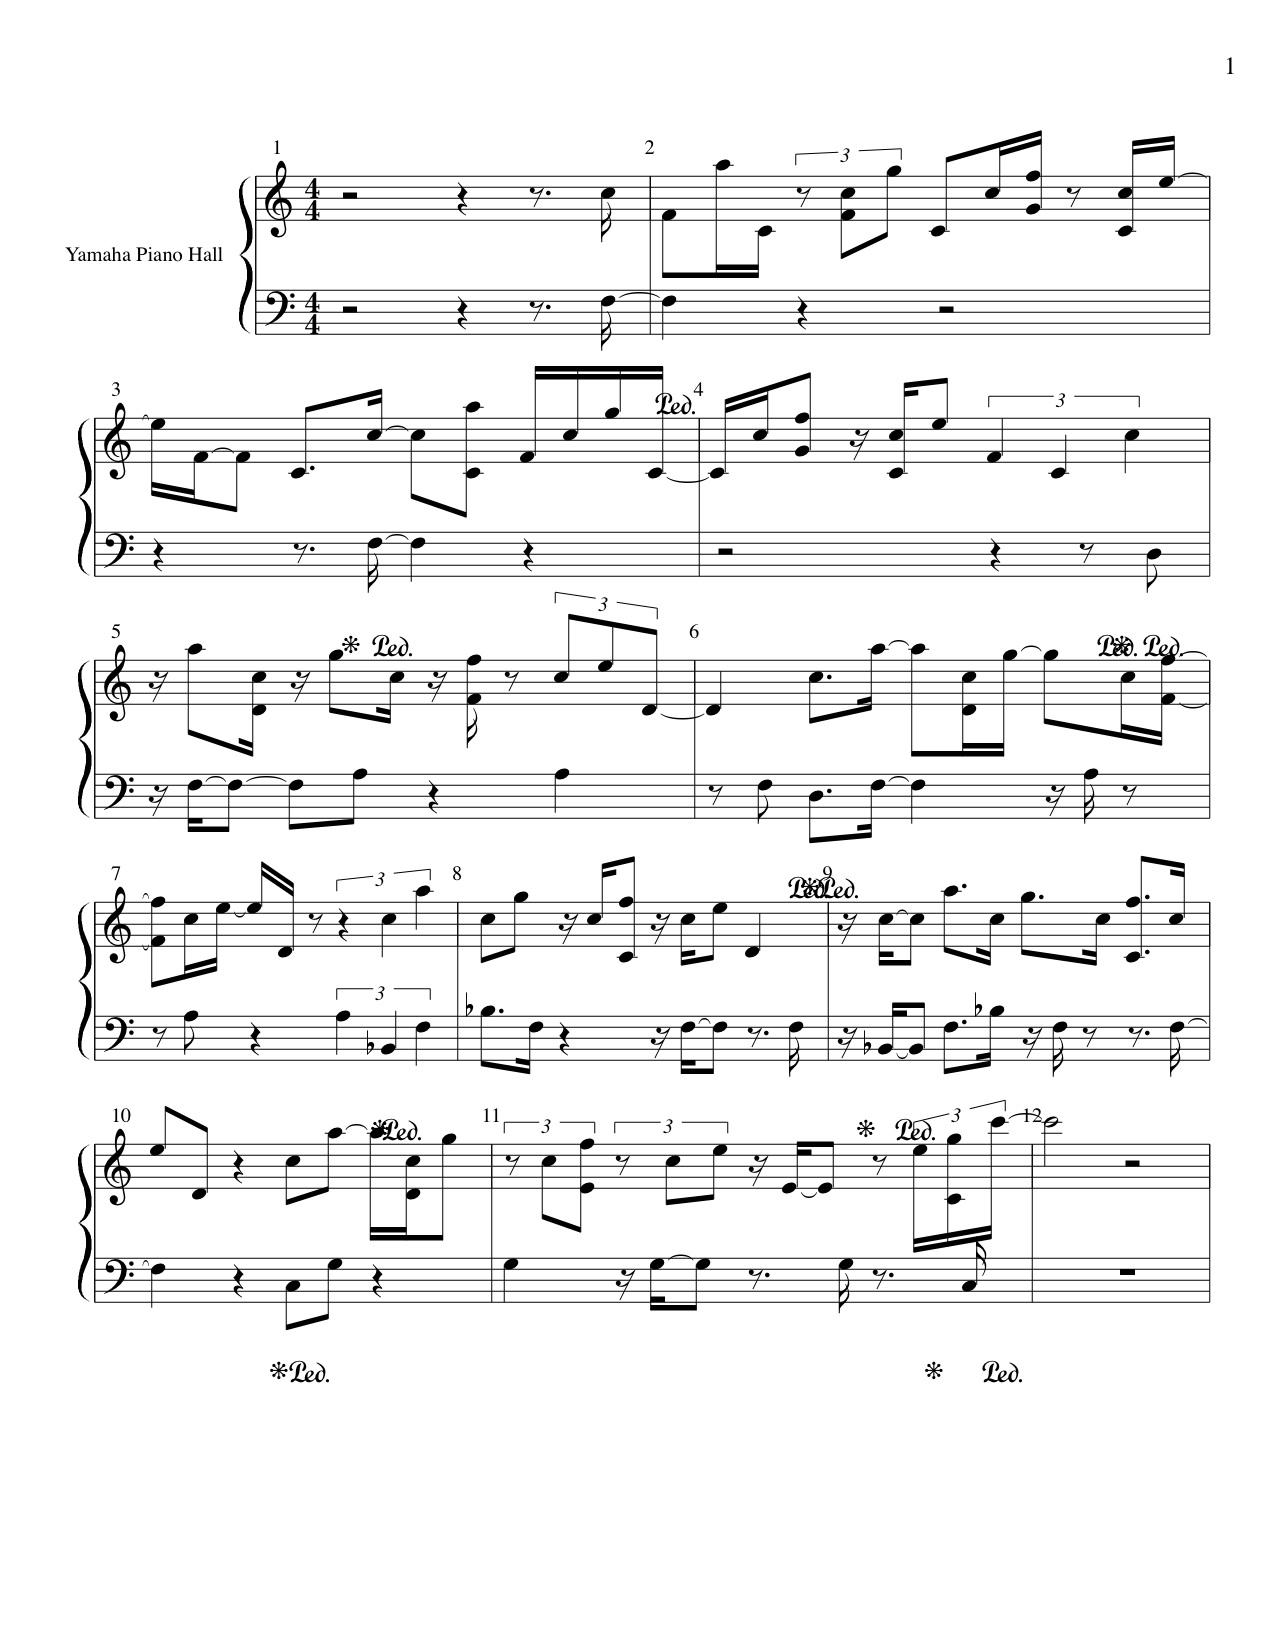 基础钢琴《五月》谱子_五月天 星空 钢琴谱,从百度贴吧找来的,喜欢的朋友来看看